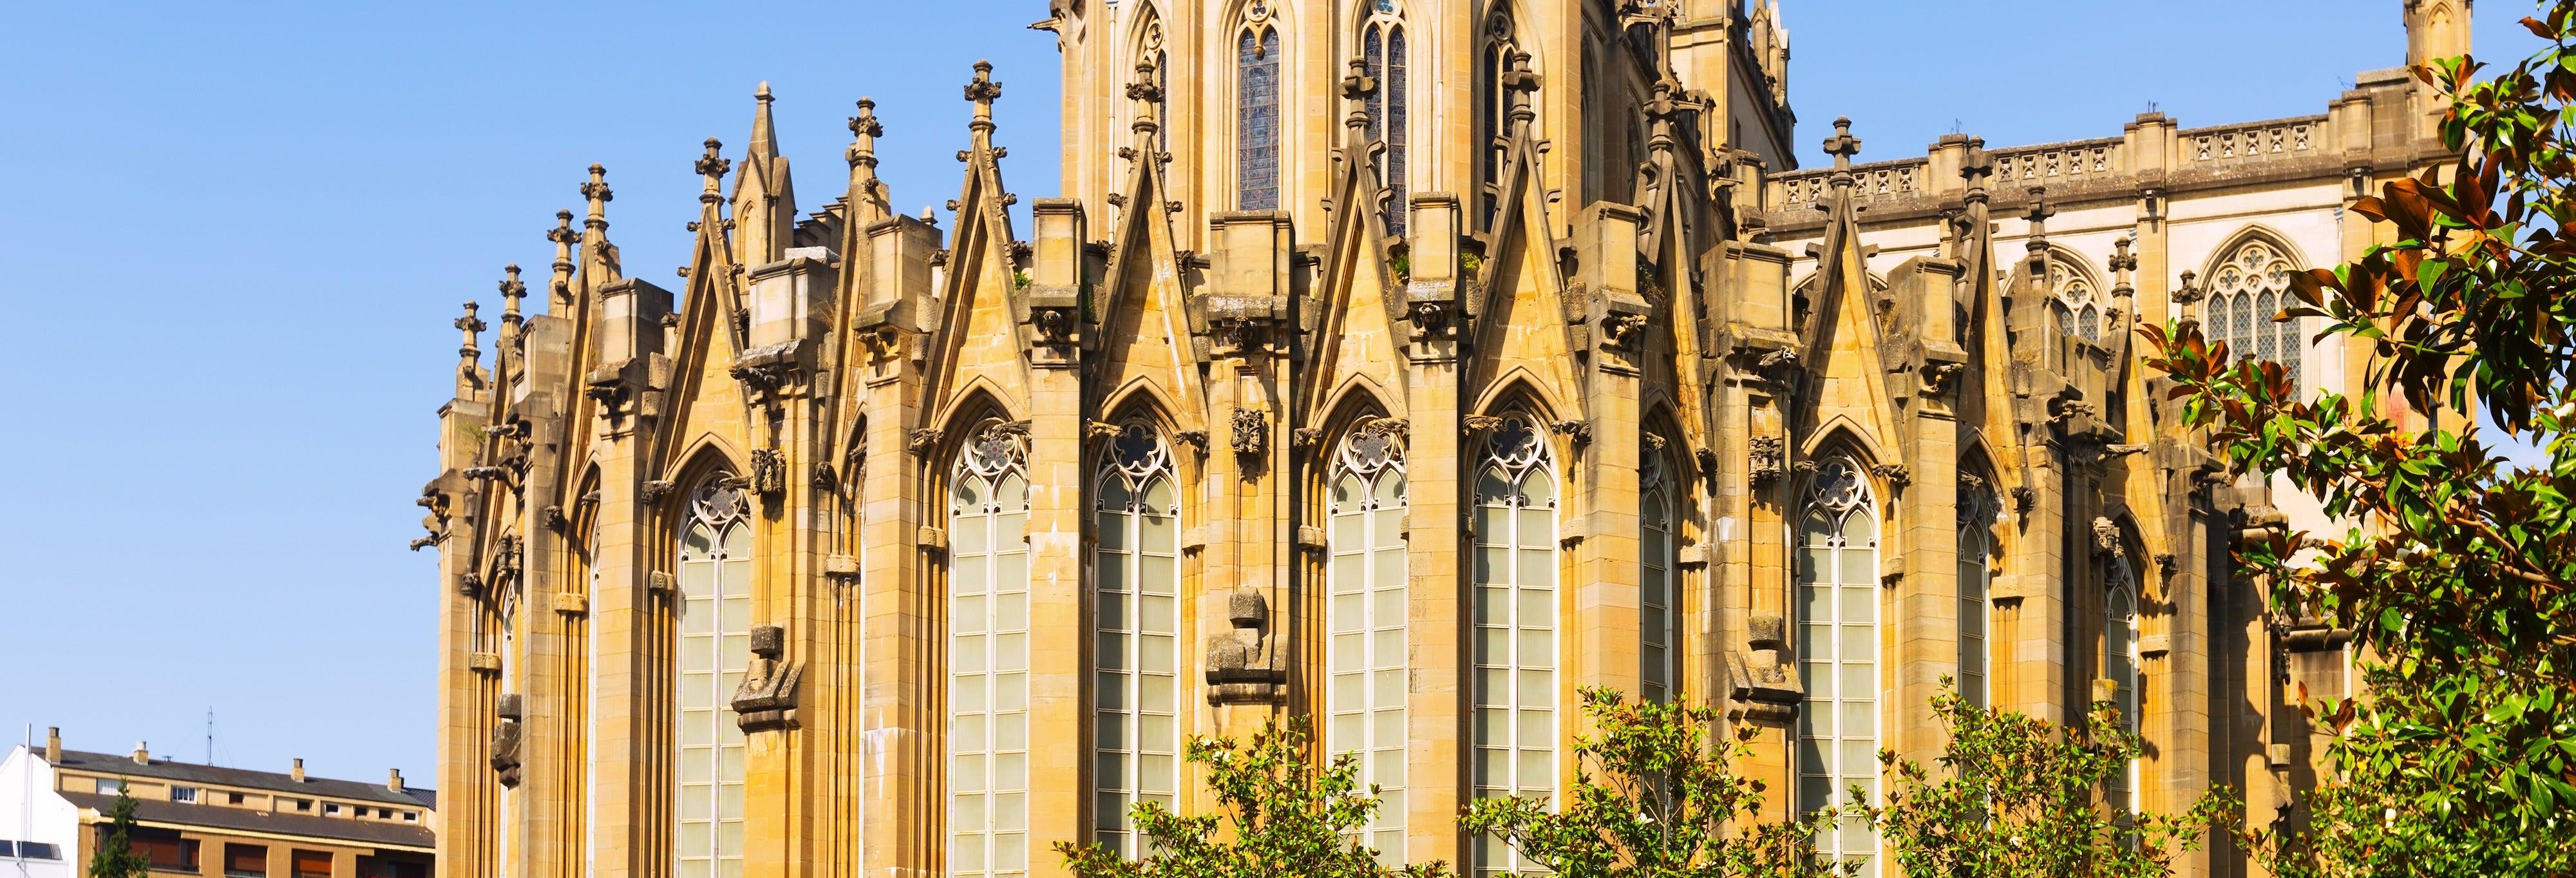 Visita guiada por la Catedral Nueva de Vitoria